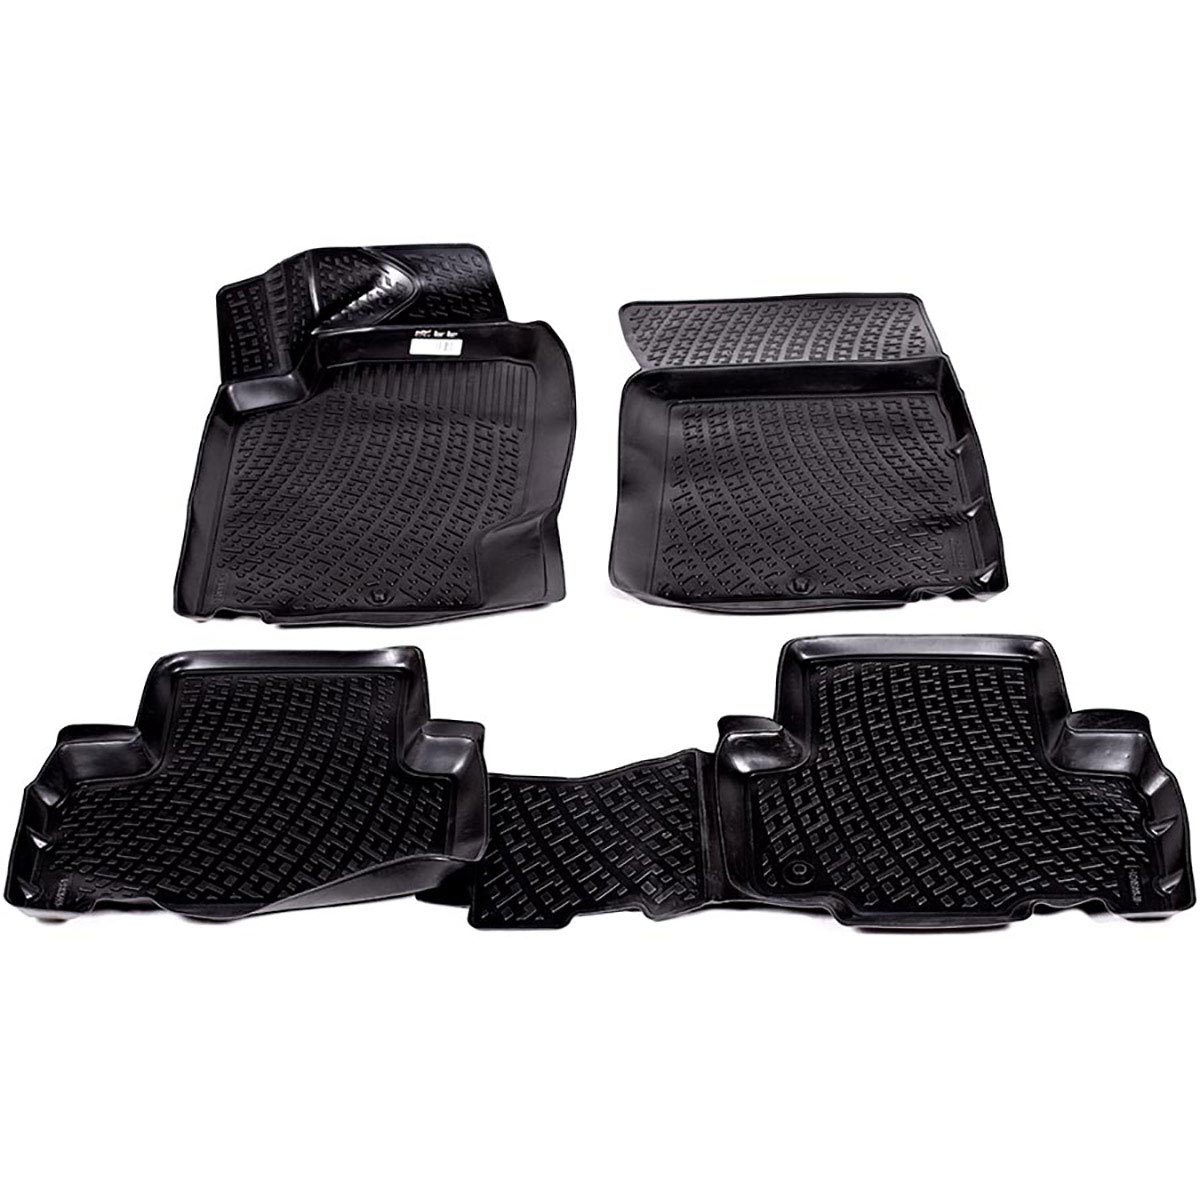 Коврики в салон автомобиля L.Locker, для SangYong Rexton II (07-), 4 штВетерок 2ГФКоврики L.Locker производятся индивидуально для каждой модели автомобиля из современного и экологически чистого материала. Изделия точно повторяют геометрию пола автомобиля, имеют высокий борт, обладают повышенной износоустойчивостью, антискользящими свойствами, лишены резкого запаха и сохраняют свои потребительские свойства в широком диапазоне температур (от -50°С до +80°С). Рисунок ковриков специально спроектирован для уменьшения скольжения ног водителя и имеет достаточную глубину, препятствующую свободному перемещению жидкости и грязи на поверхности. Одновременно с этим рисунок не создает дискомфорта при вождении автомобиля. Водительский ковер с предустановленными креплениями фиксируется на штатные места в полу салона автомобиля. Новая технология системы креплений герметична, не дает влаге и грязи проникать внутрь через крепеж на обшивку пола.